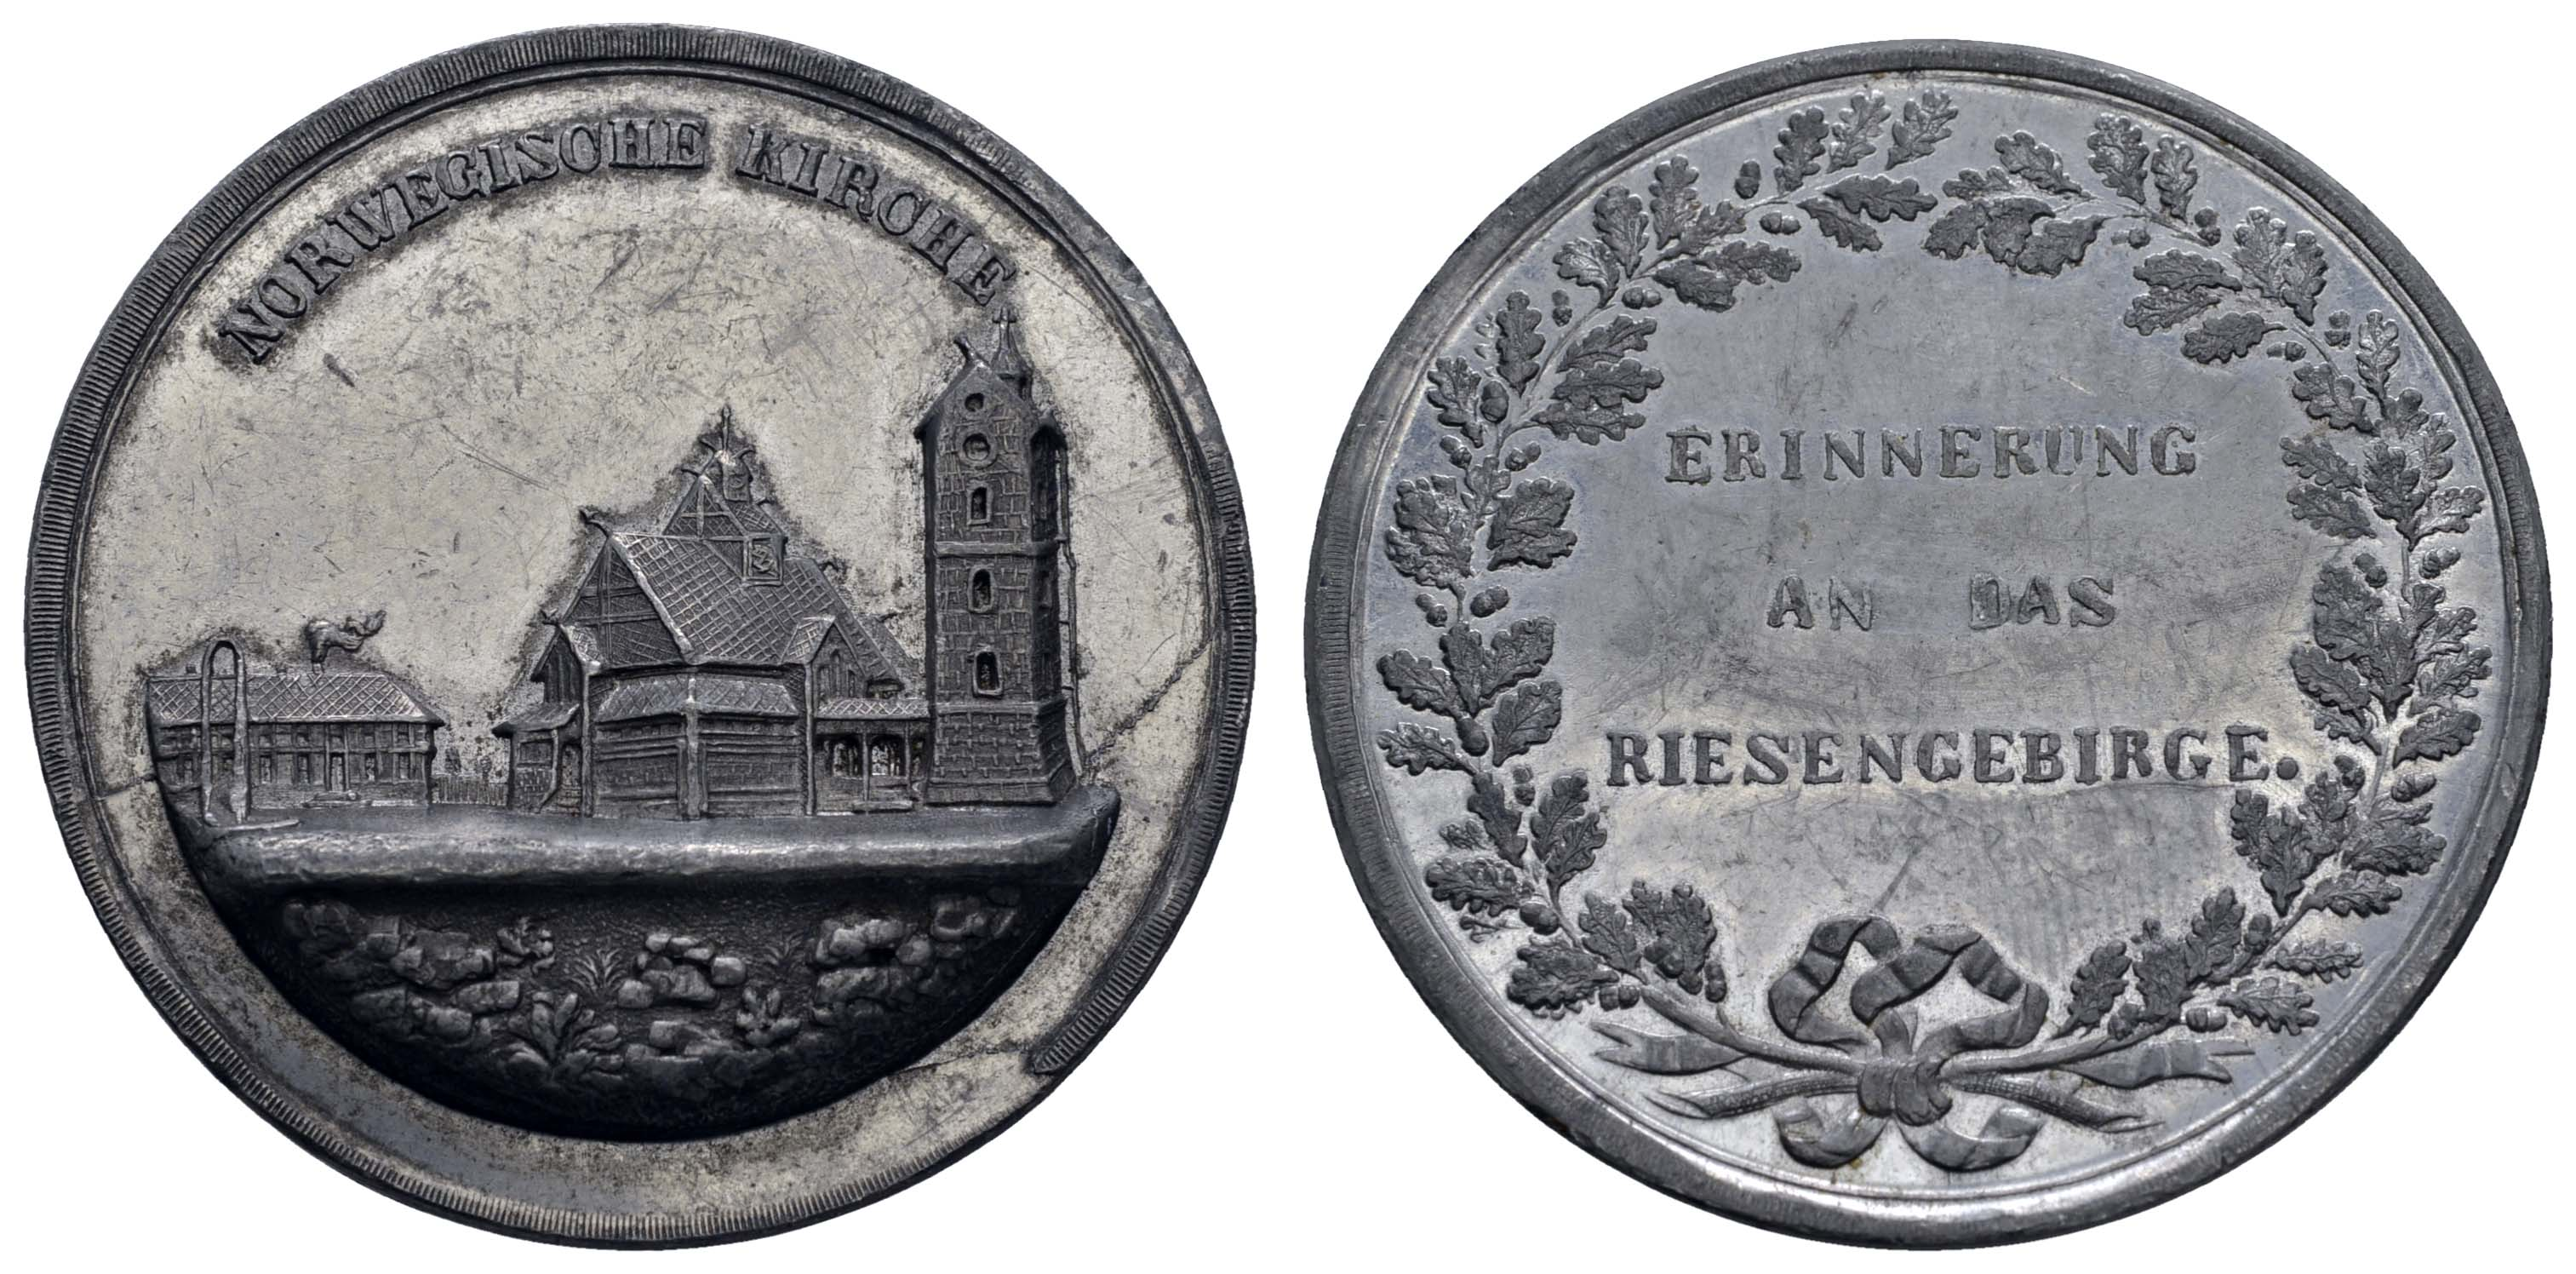 Lot 2251 - medaillen Sonstige Medaillen - Deutschland -  Auktionshaus Ulrich Felzmann GmbH & Co. KG Coins single lots